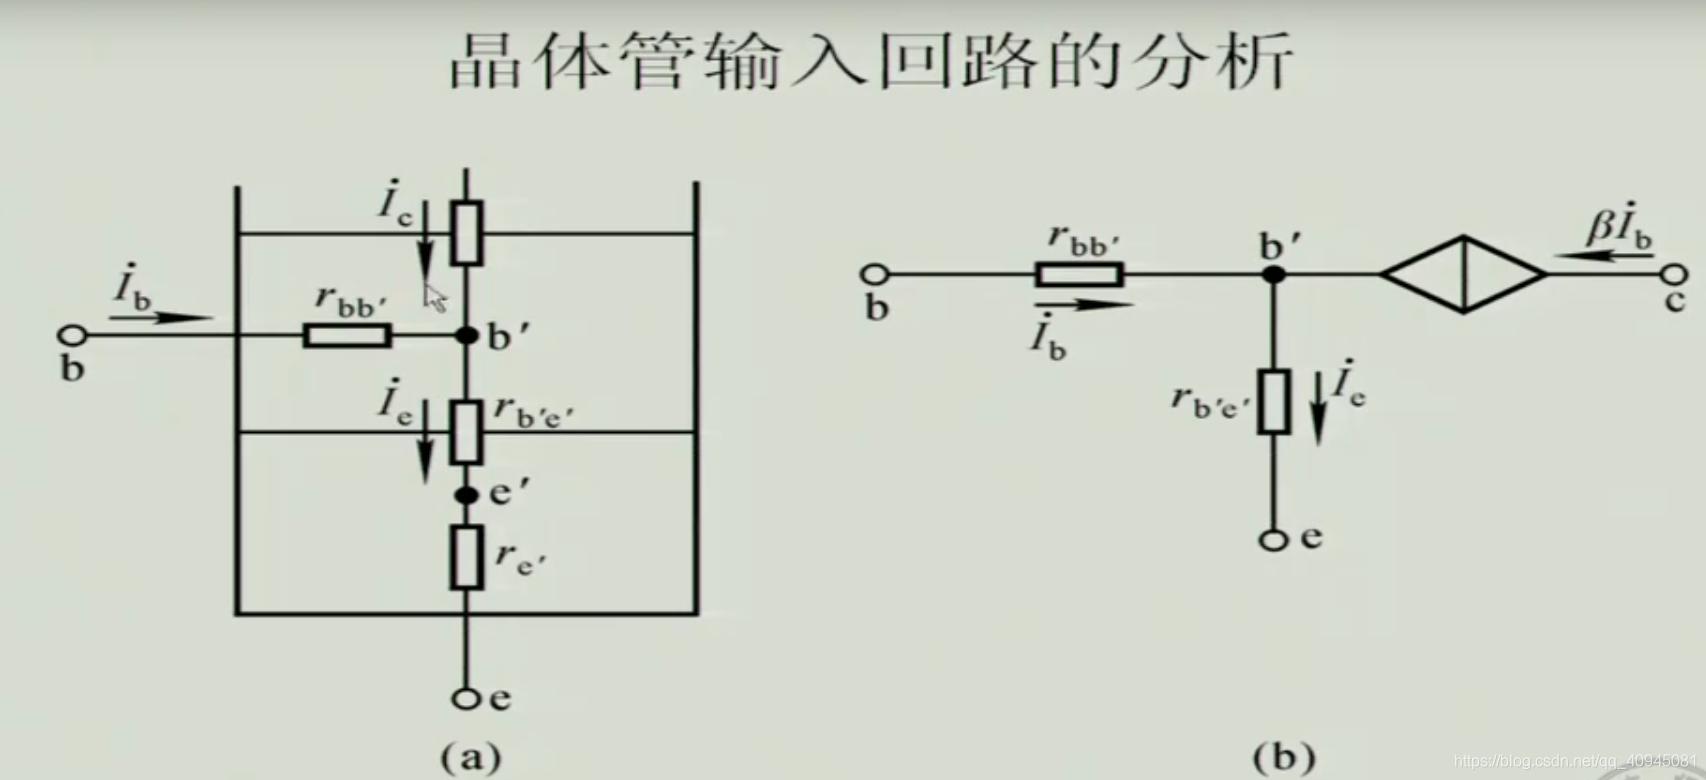 晶体管输入回路的分析